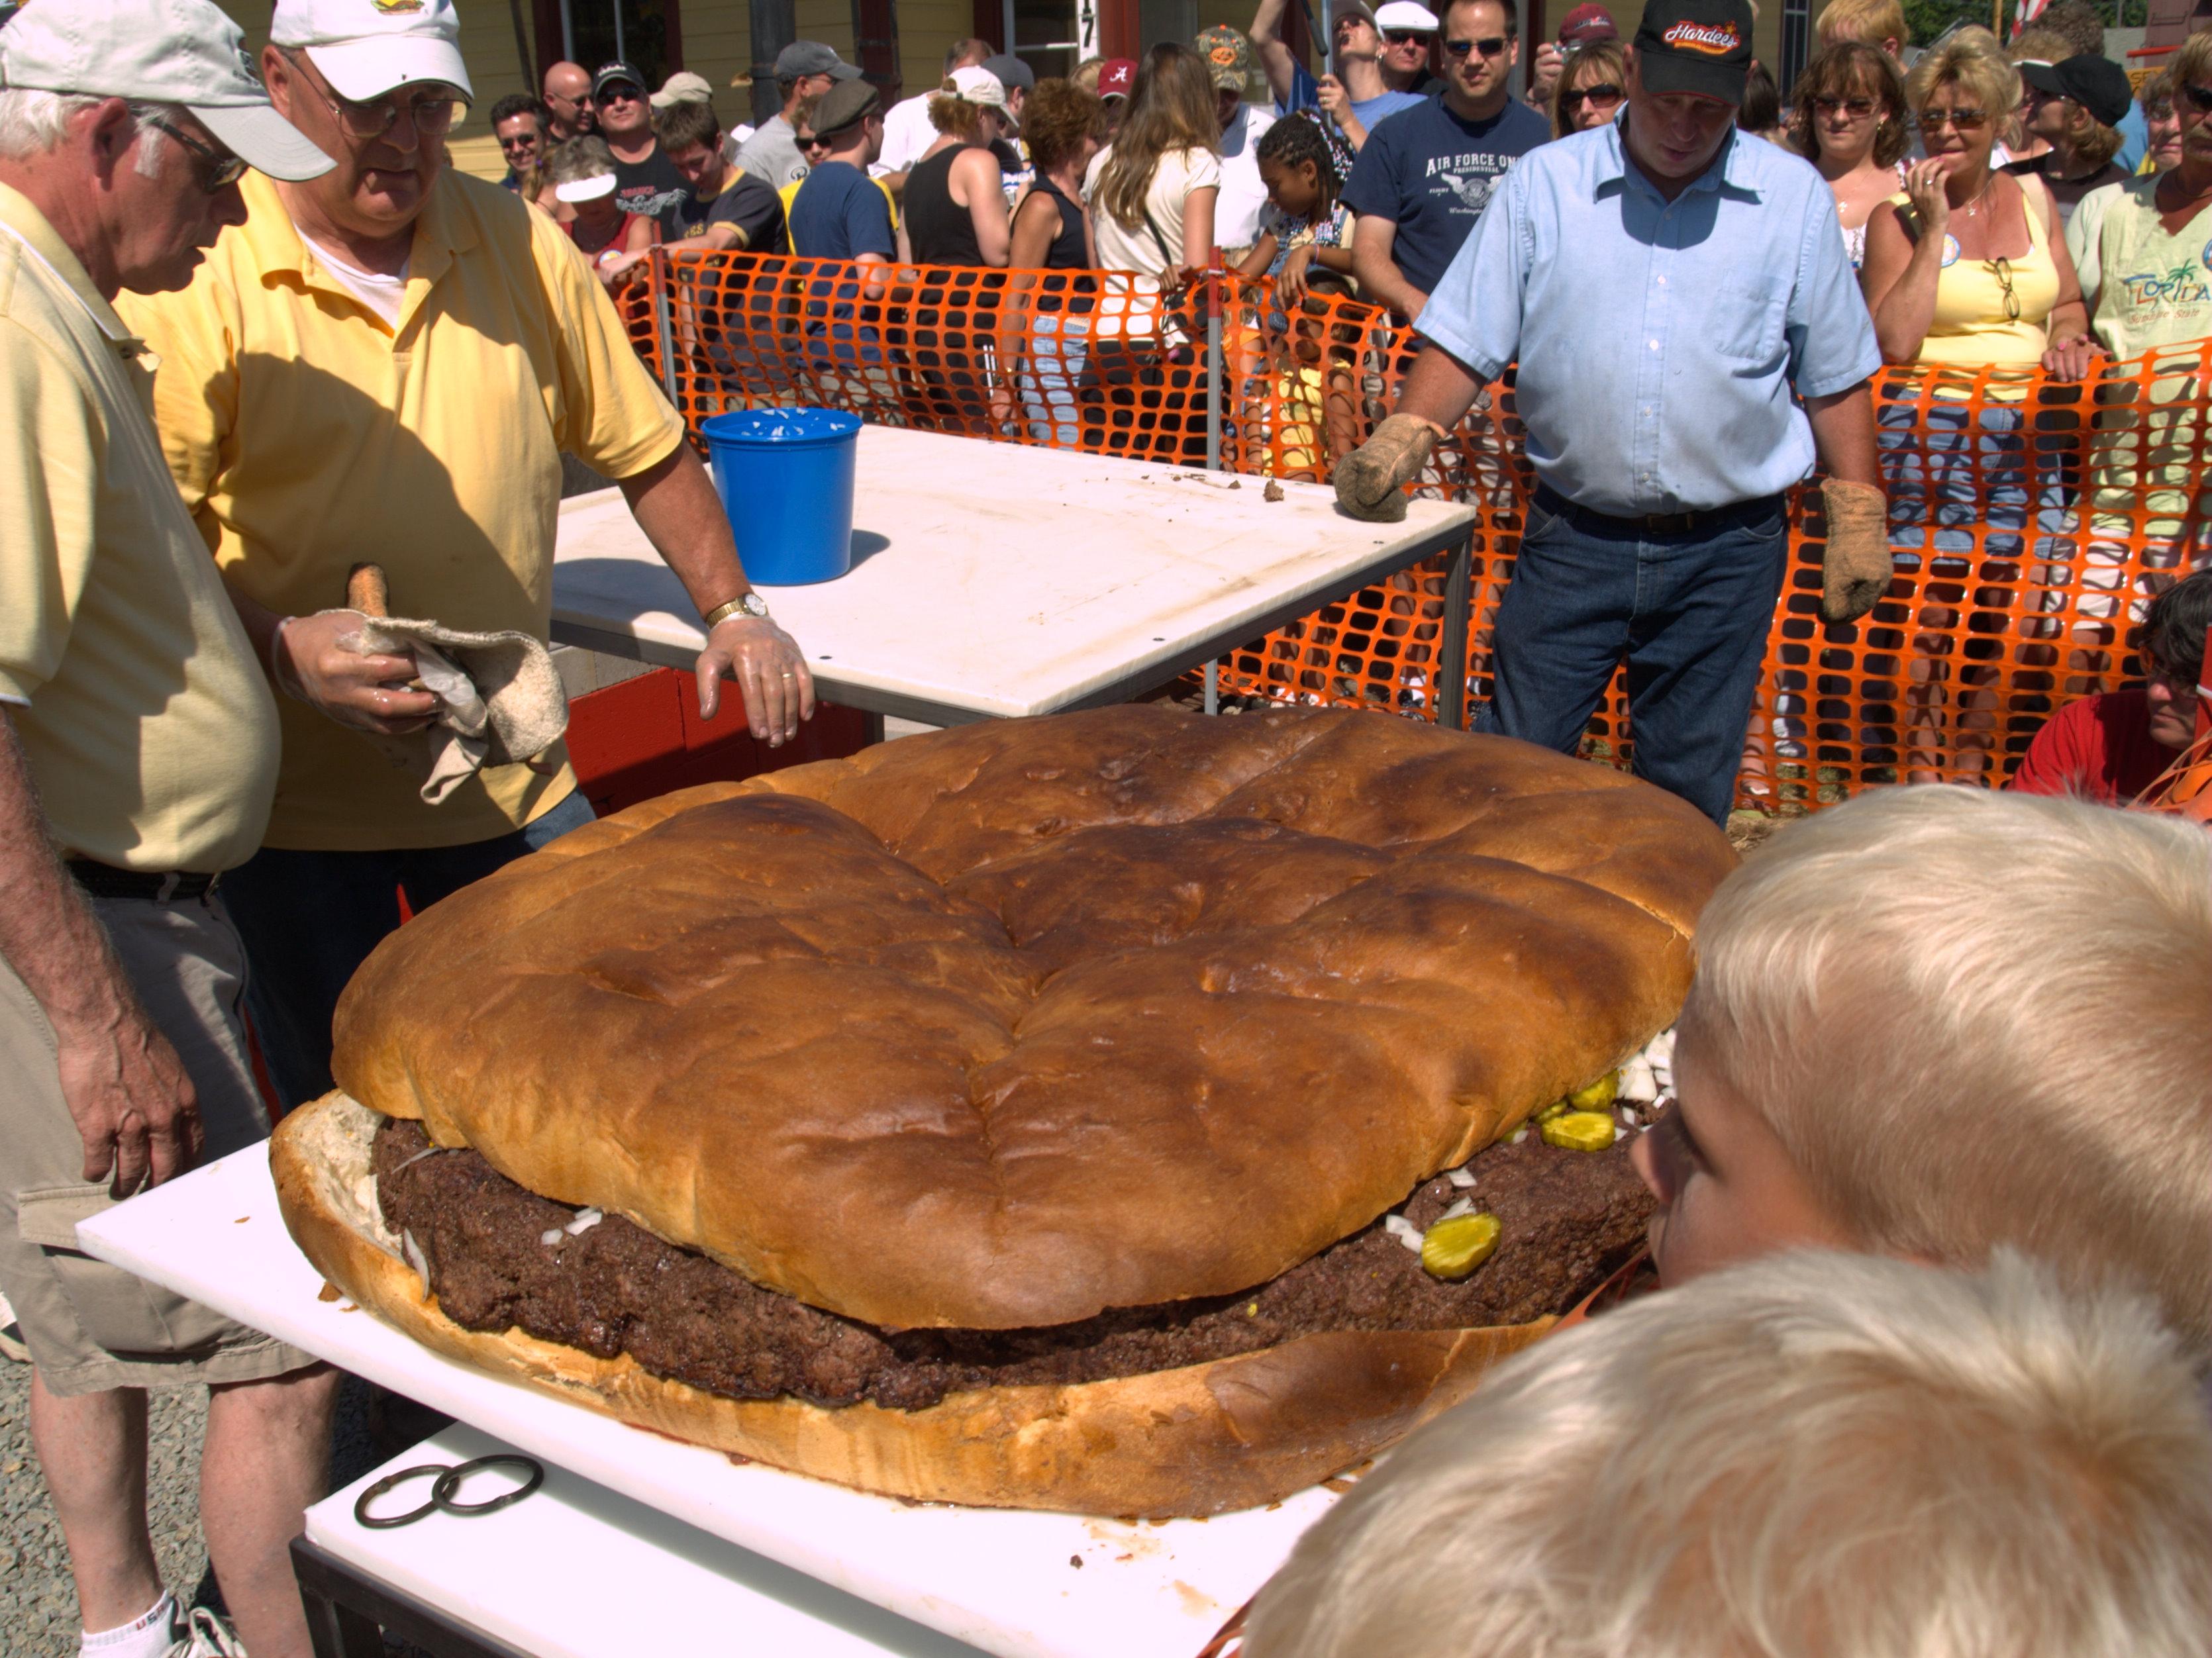 File:Gigantic hamburger at Giant Burger Festival, 2008.jpg ...